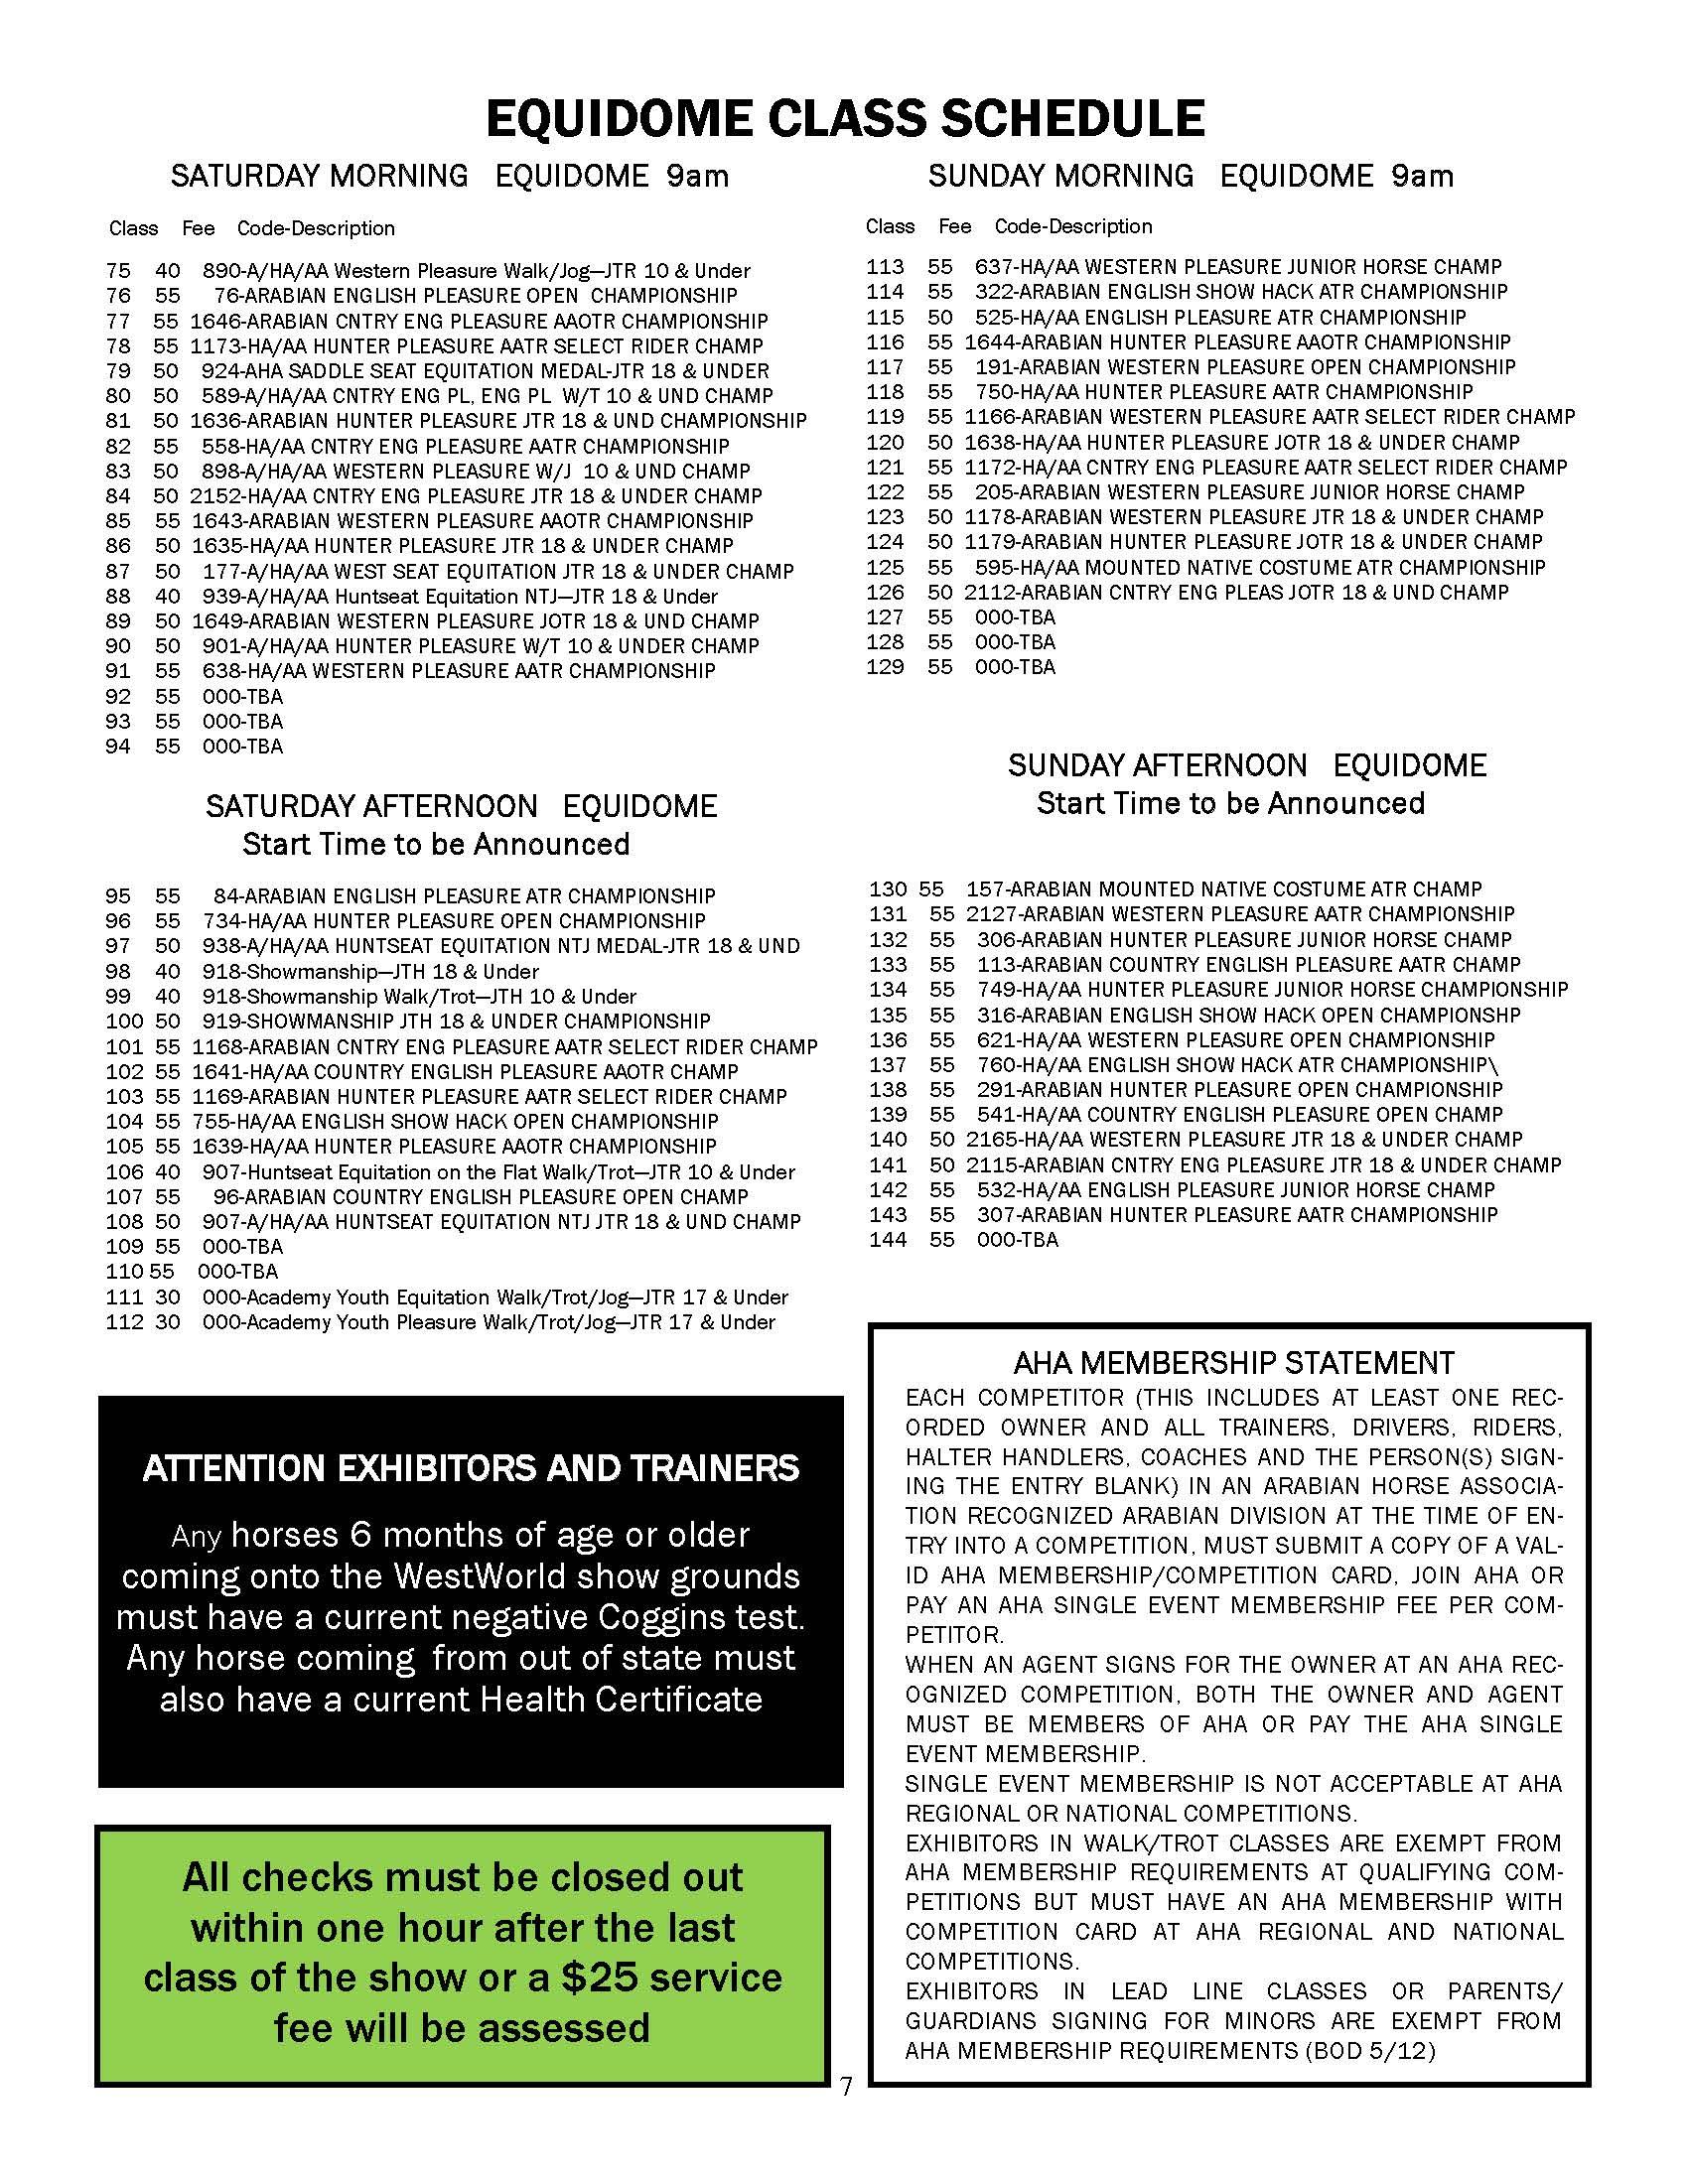 DESERT CLASSIC 2020 PREMIUM 10